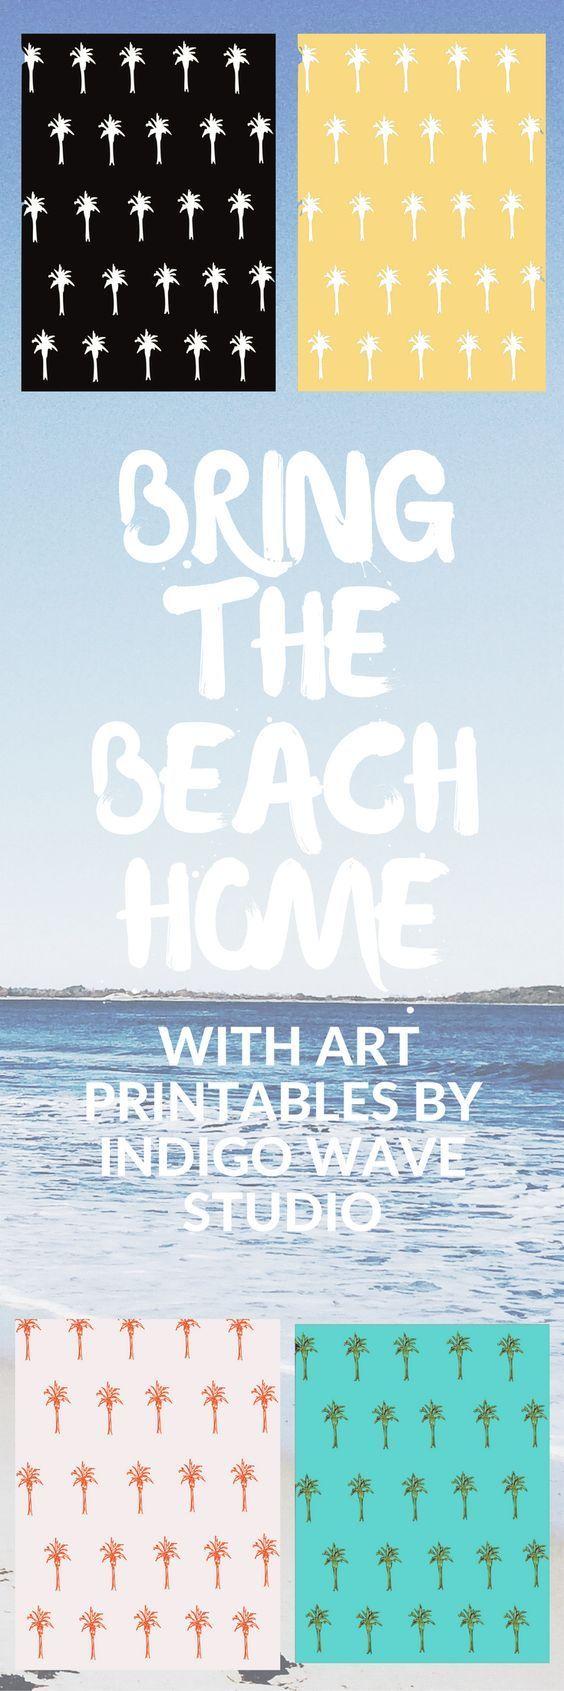 Get art printables by Indigo Wave Studio on Etsy, digital downloads, graphic design, illustration, home decor